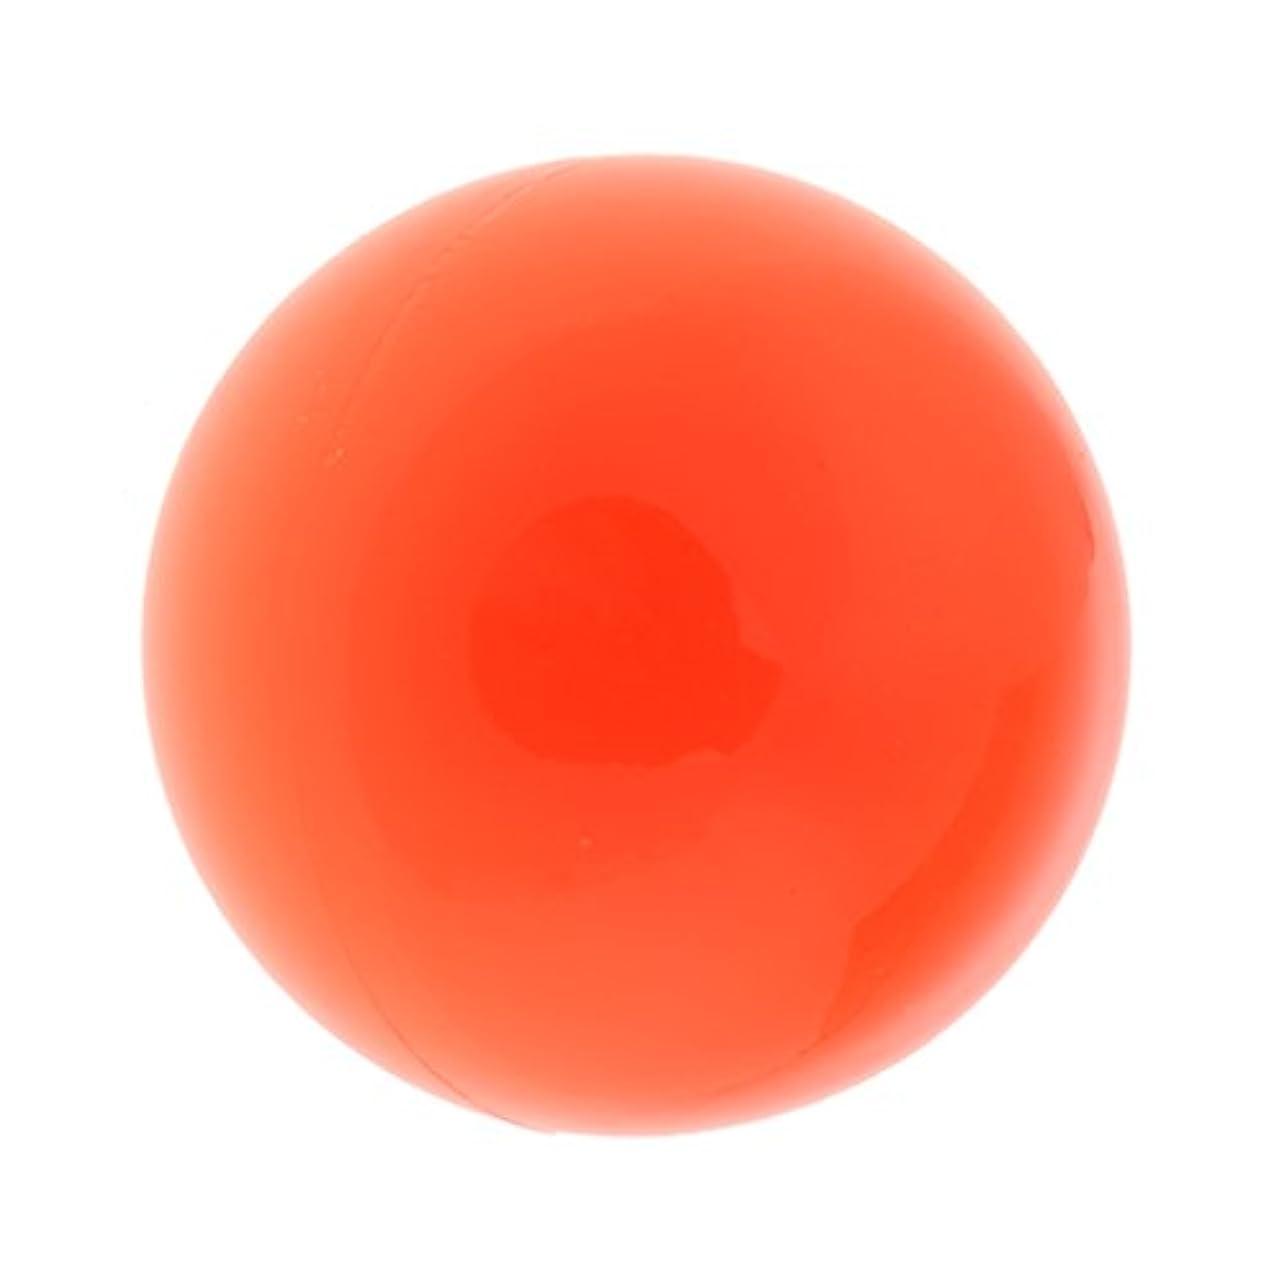 促す会う干渉するFenteer ラクロスマッサージボール マッサージボール マッサージ 手のひら 足 腕 首 背中 足首 ジム ホーム 便利 オレンジ